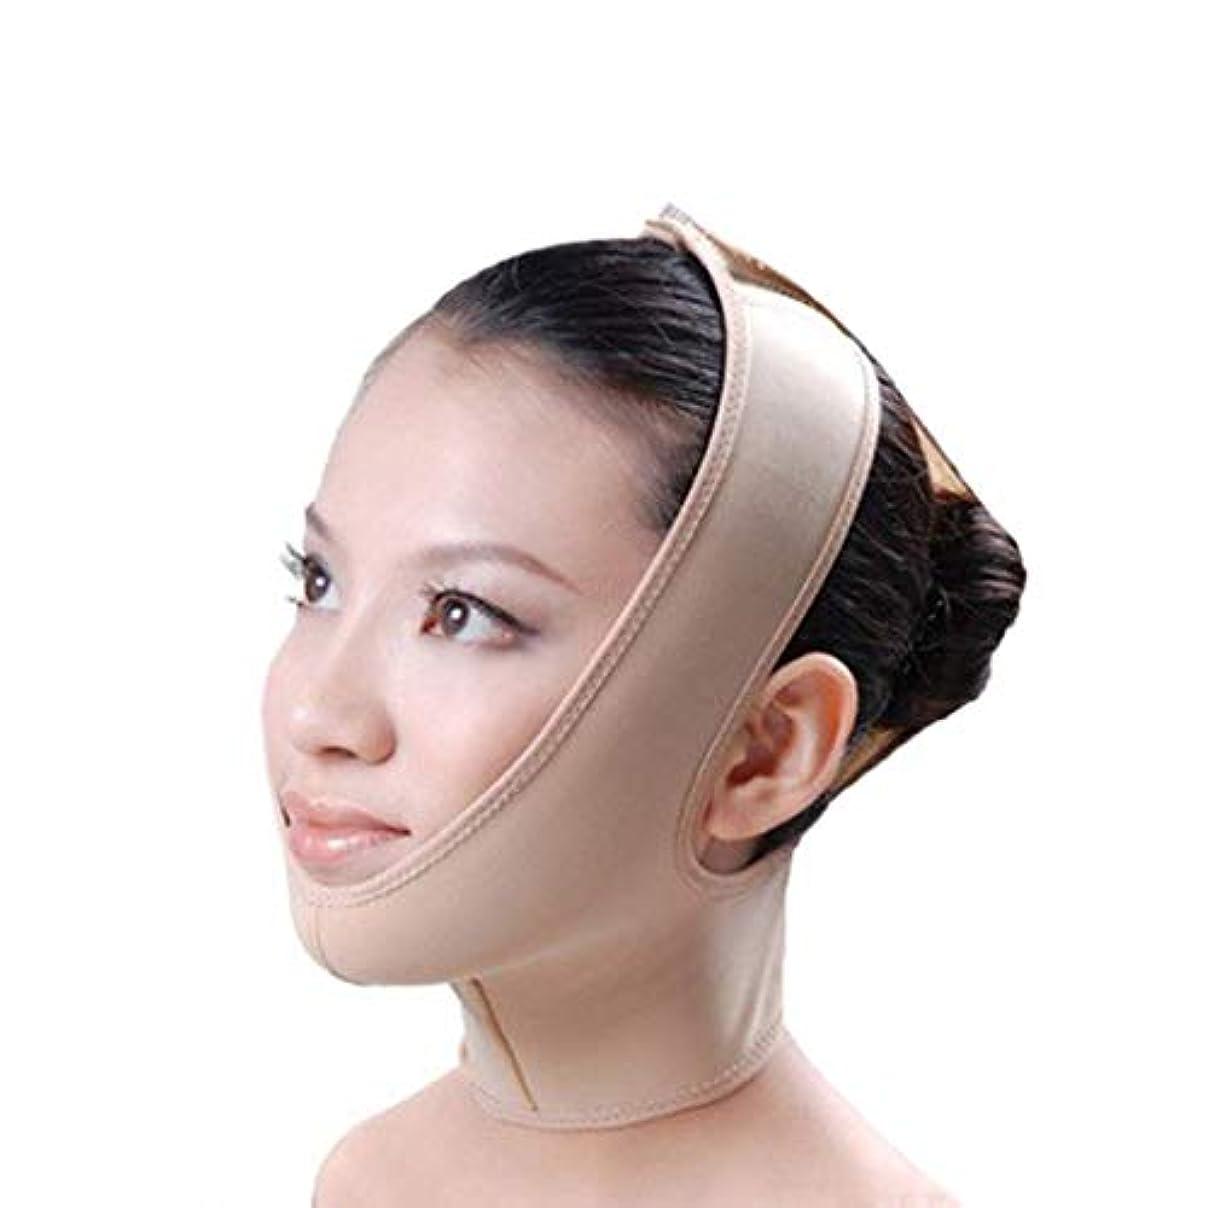 着服クッション貢献するフェイススリム、リフティングマスク、包帯リフト、二重あご、引き締めフェイシャルリフト、フェイシャル減量マスク、リフティングスキン包帯(サイズ:XL),L